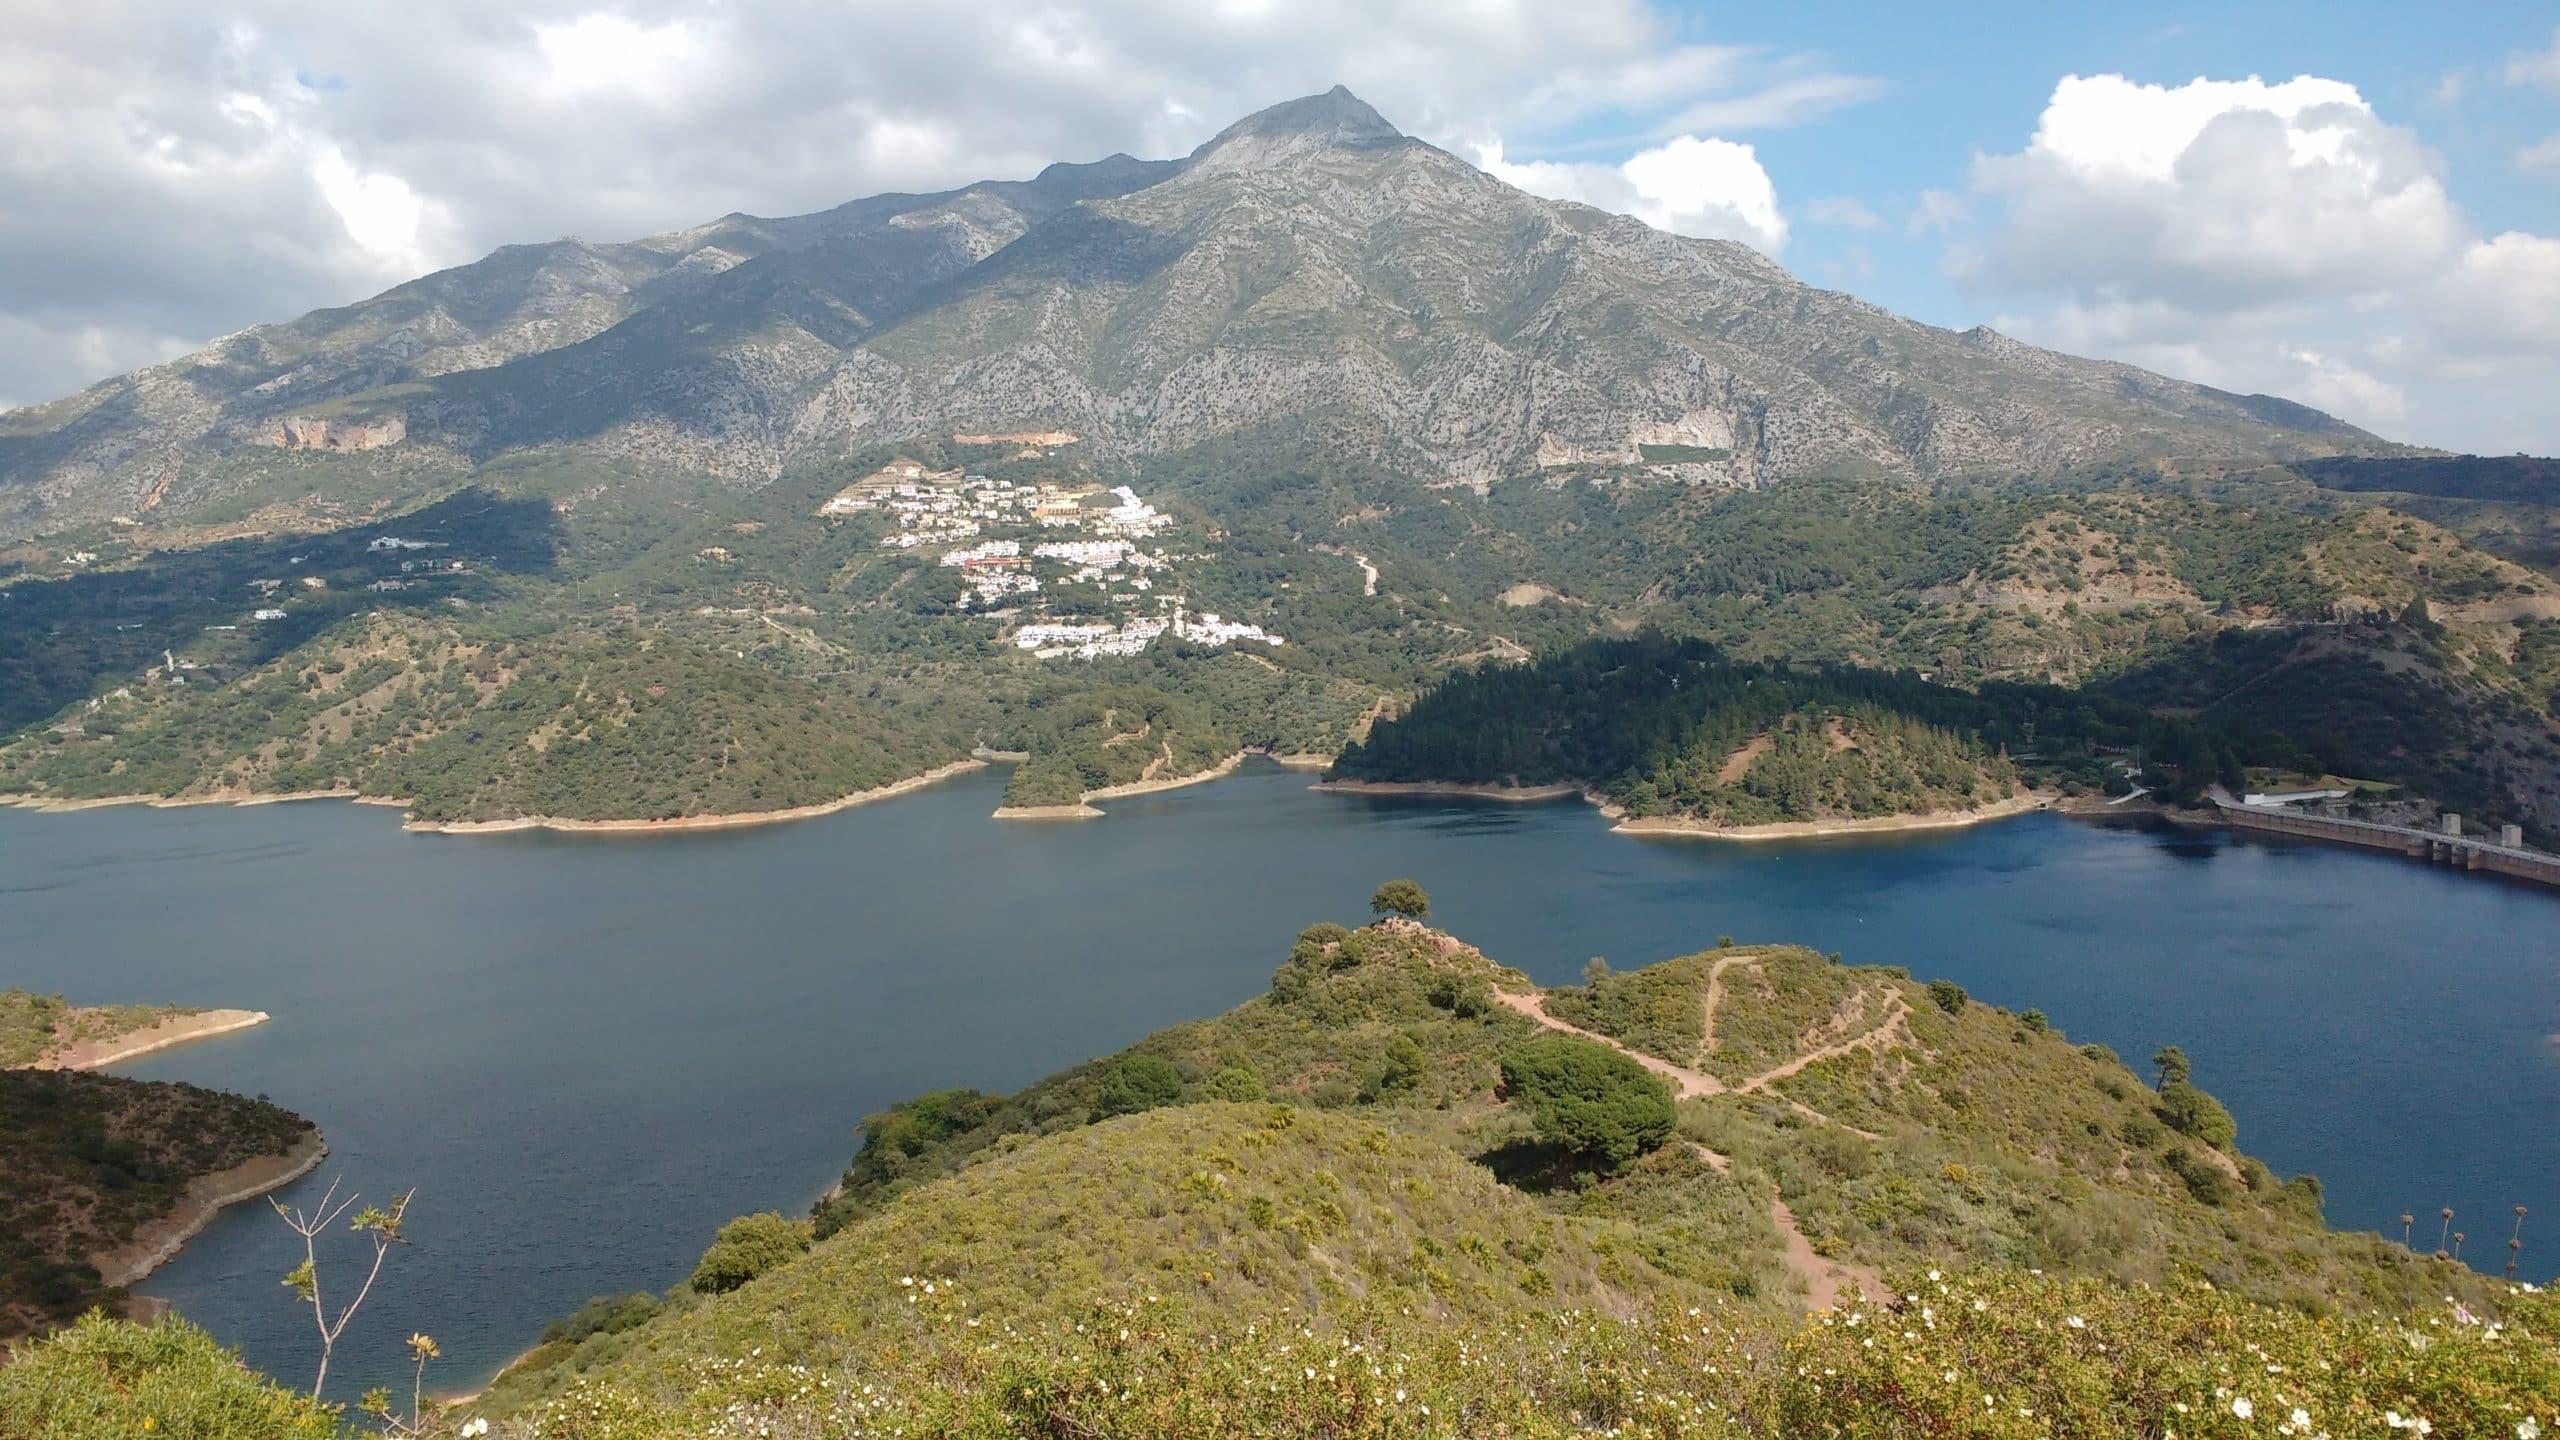 Embalse de la Concepción (El Angel Reservoir), and La Concha Mountain, Marbella Spain